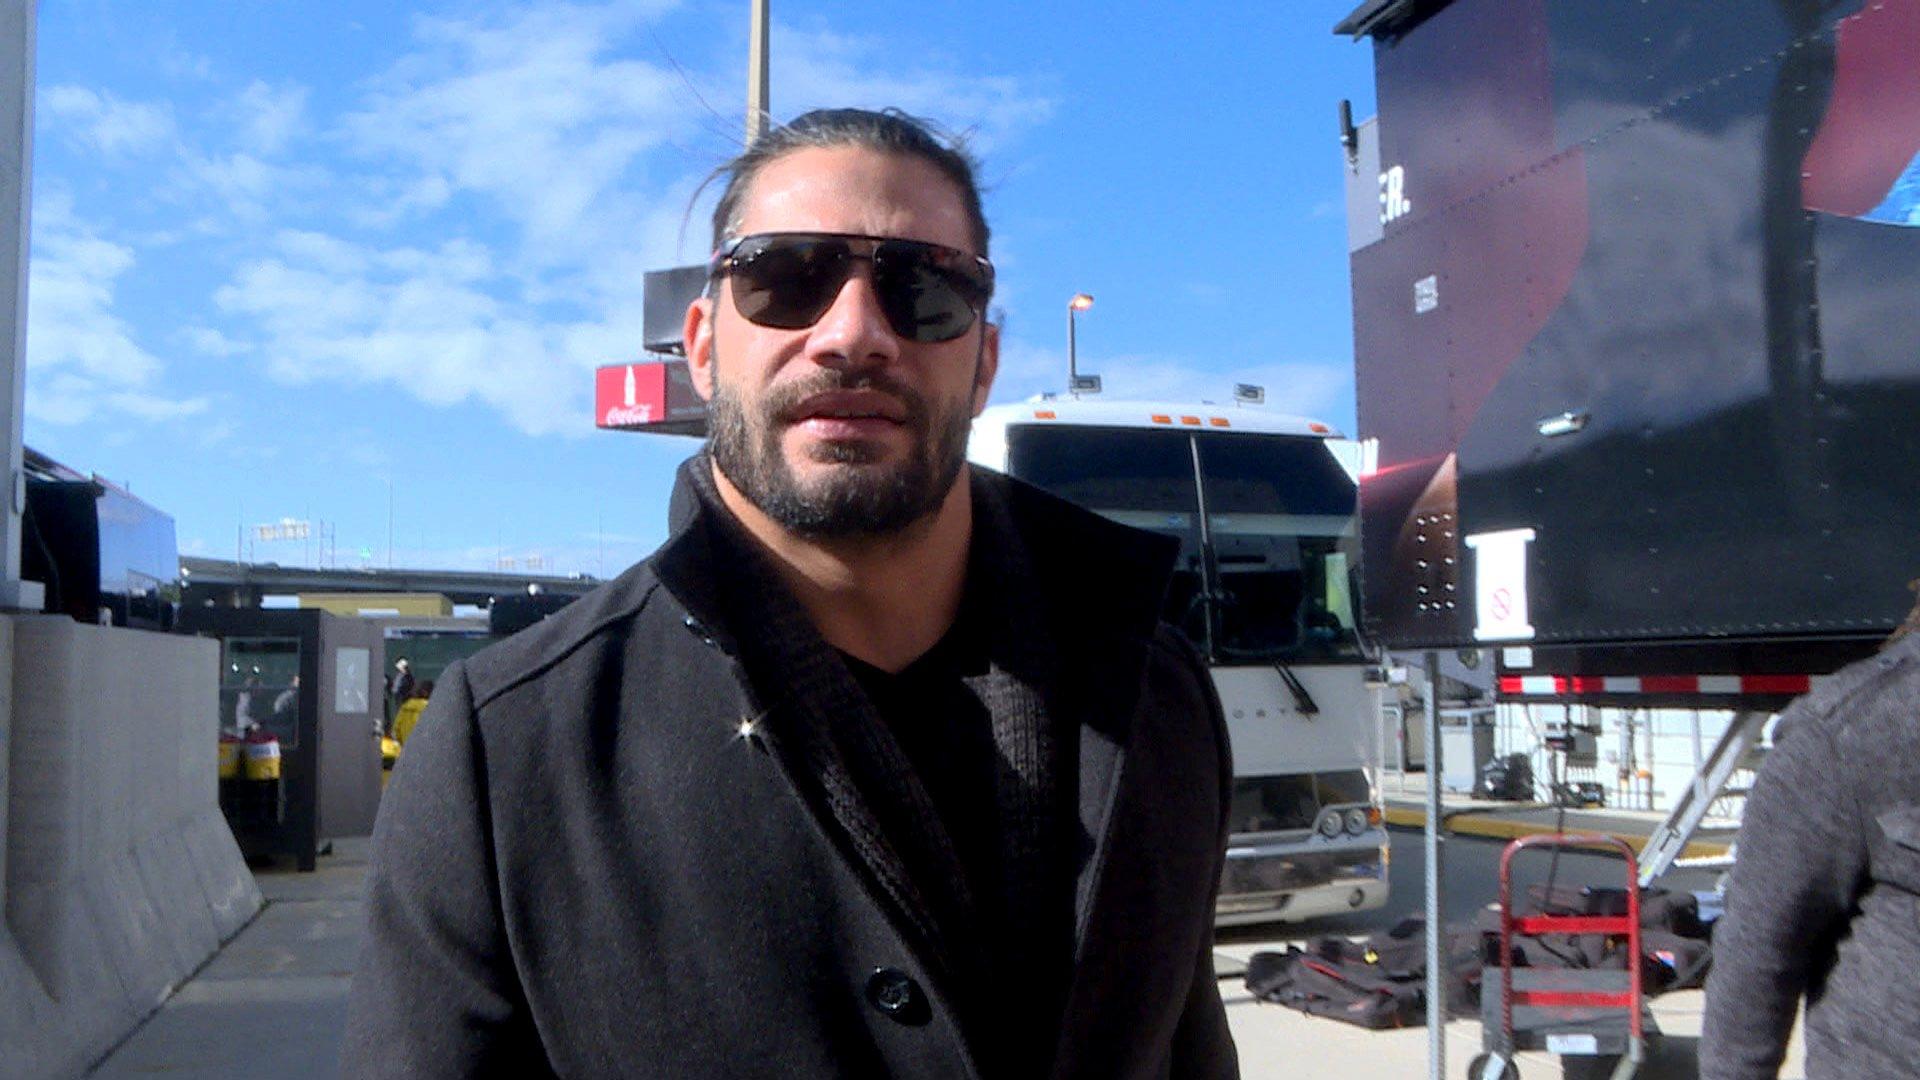 Roman Reigns déclare qu'il fera honneur à sa lignée historique ce soir: WWE.com Exclusive, 9 janvier 2017